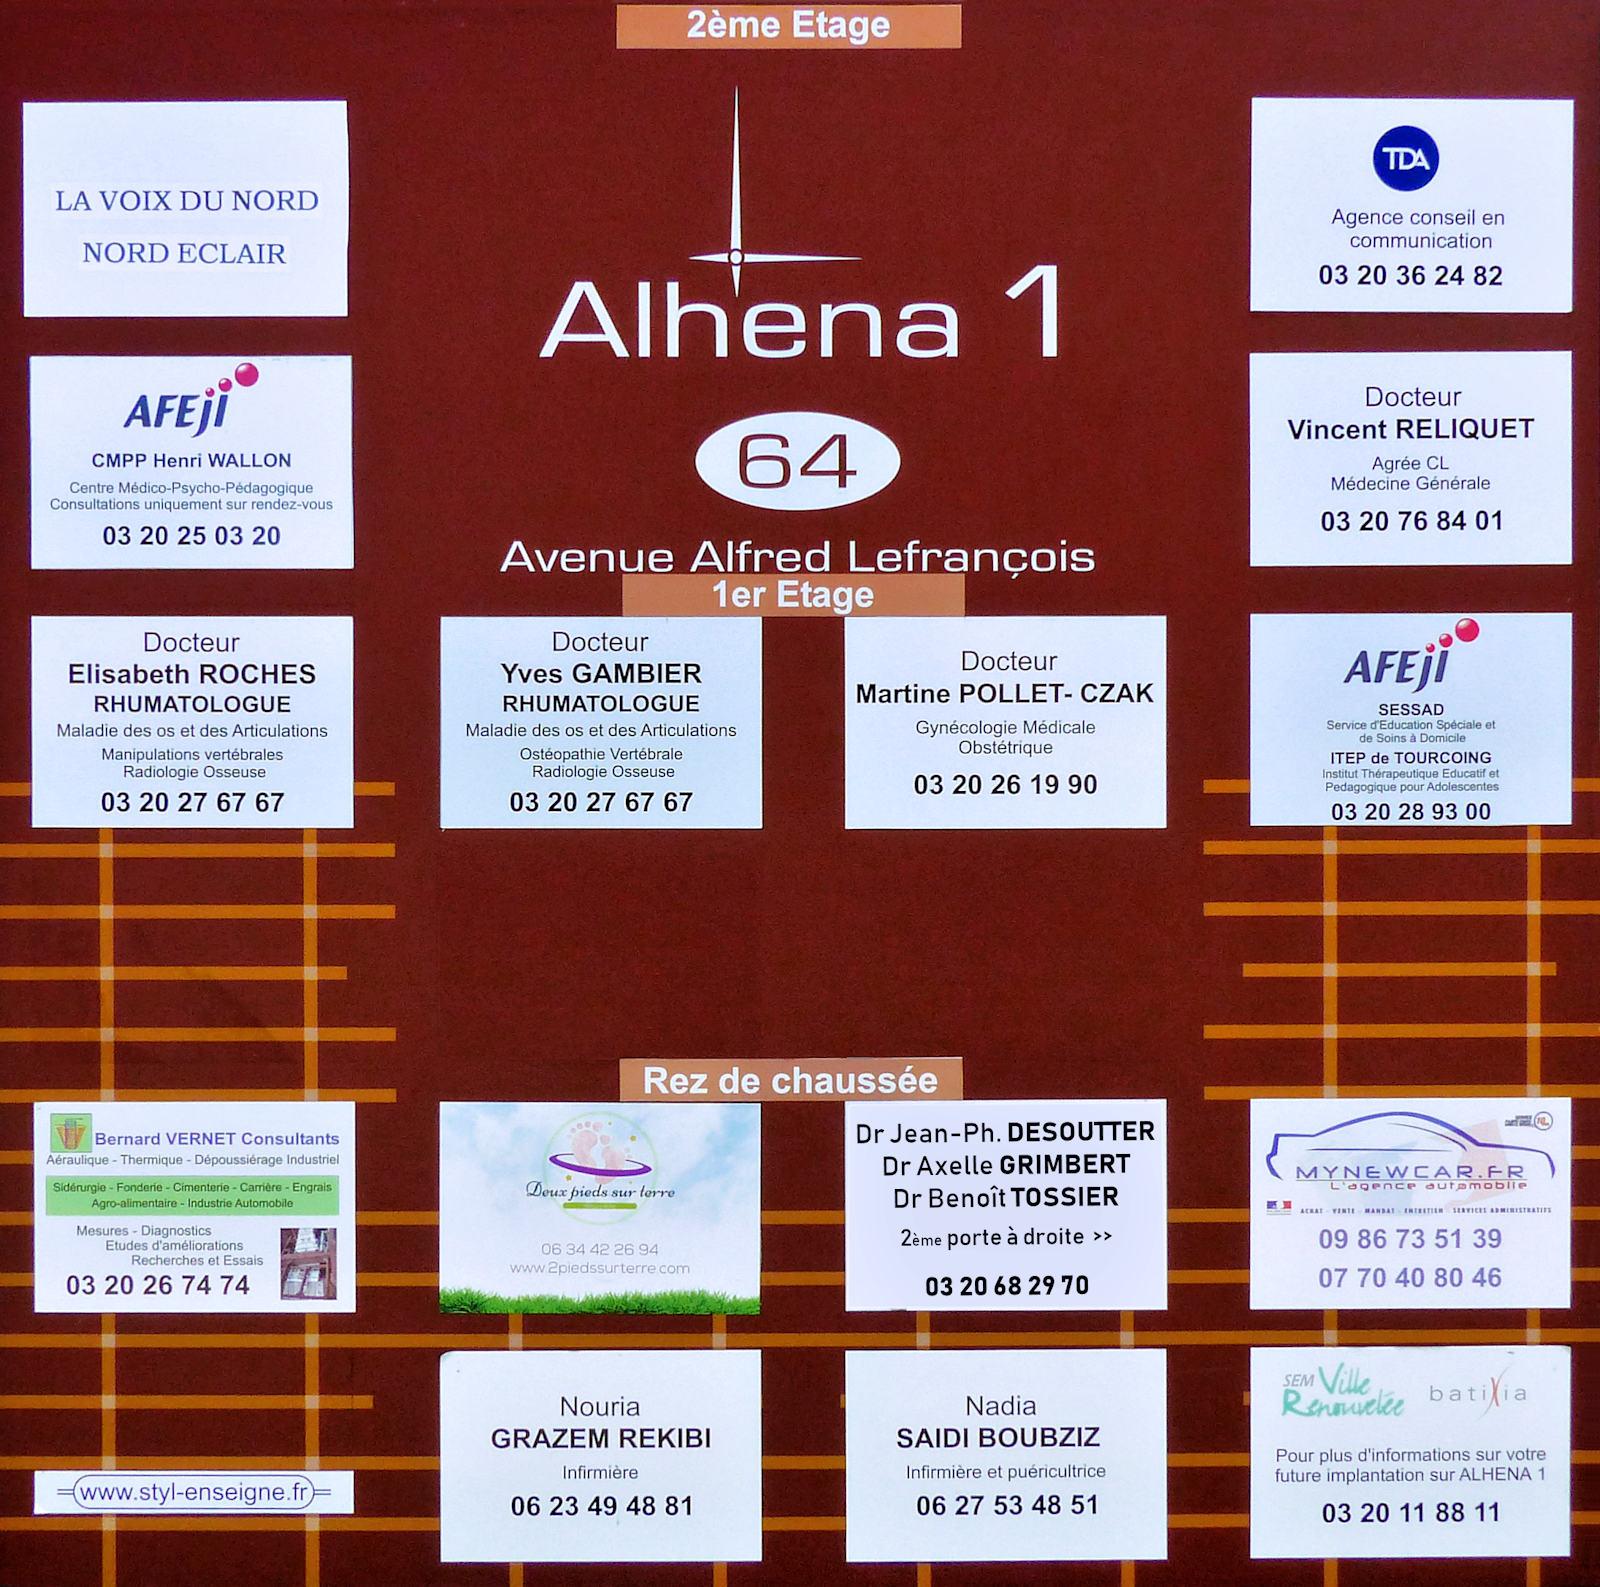 Panneau d'informations du Bâtiment Alhena 1